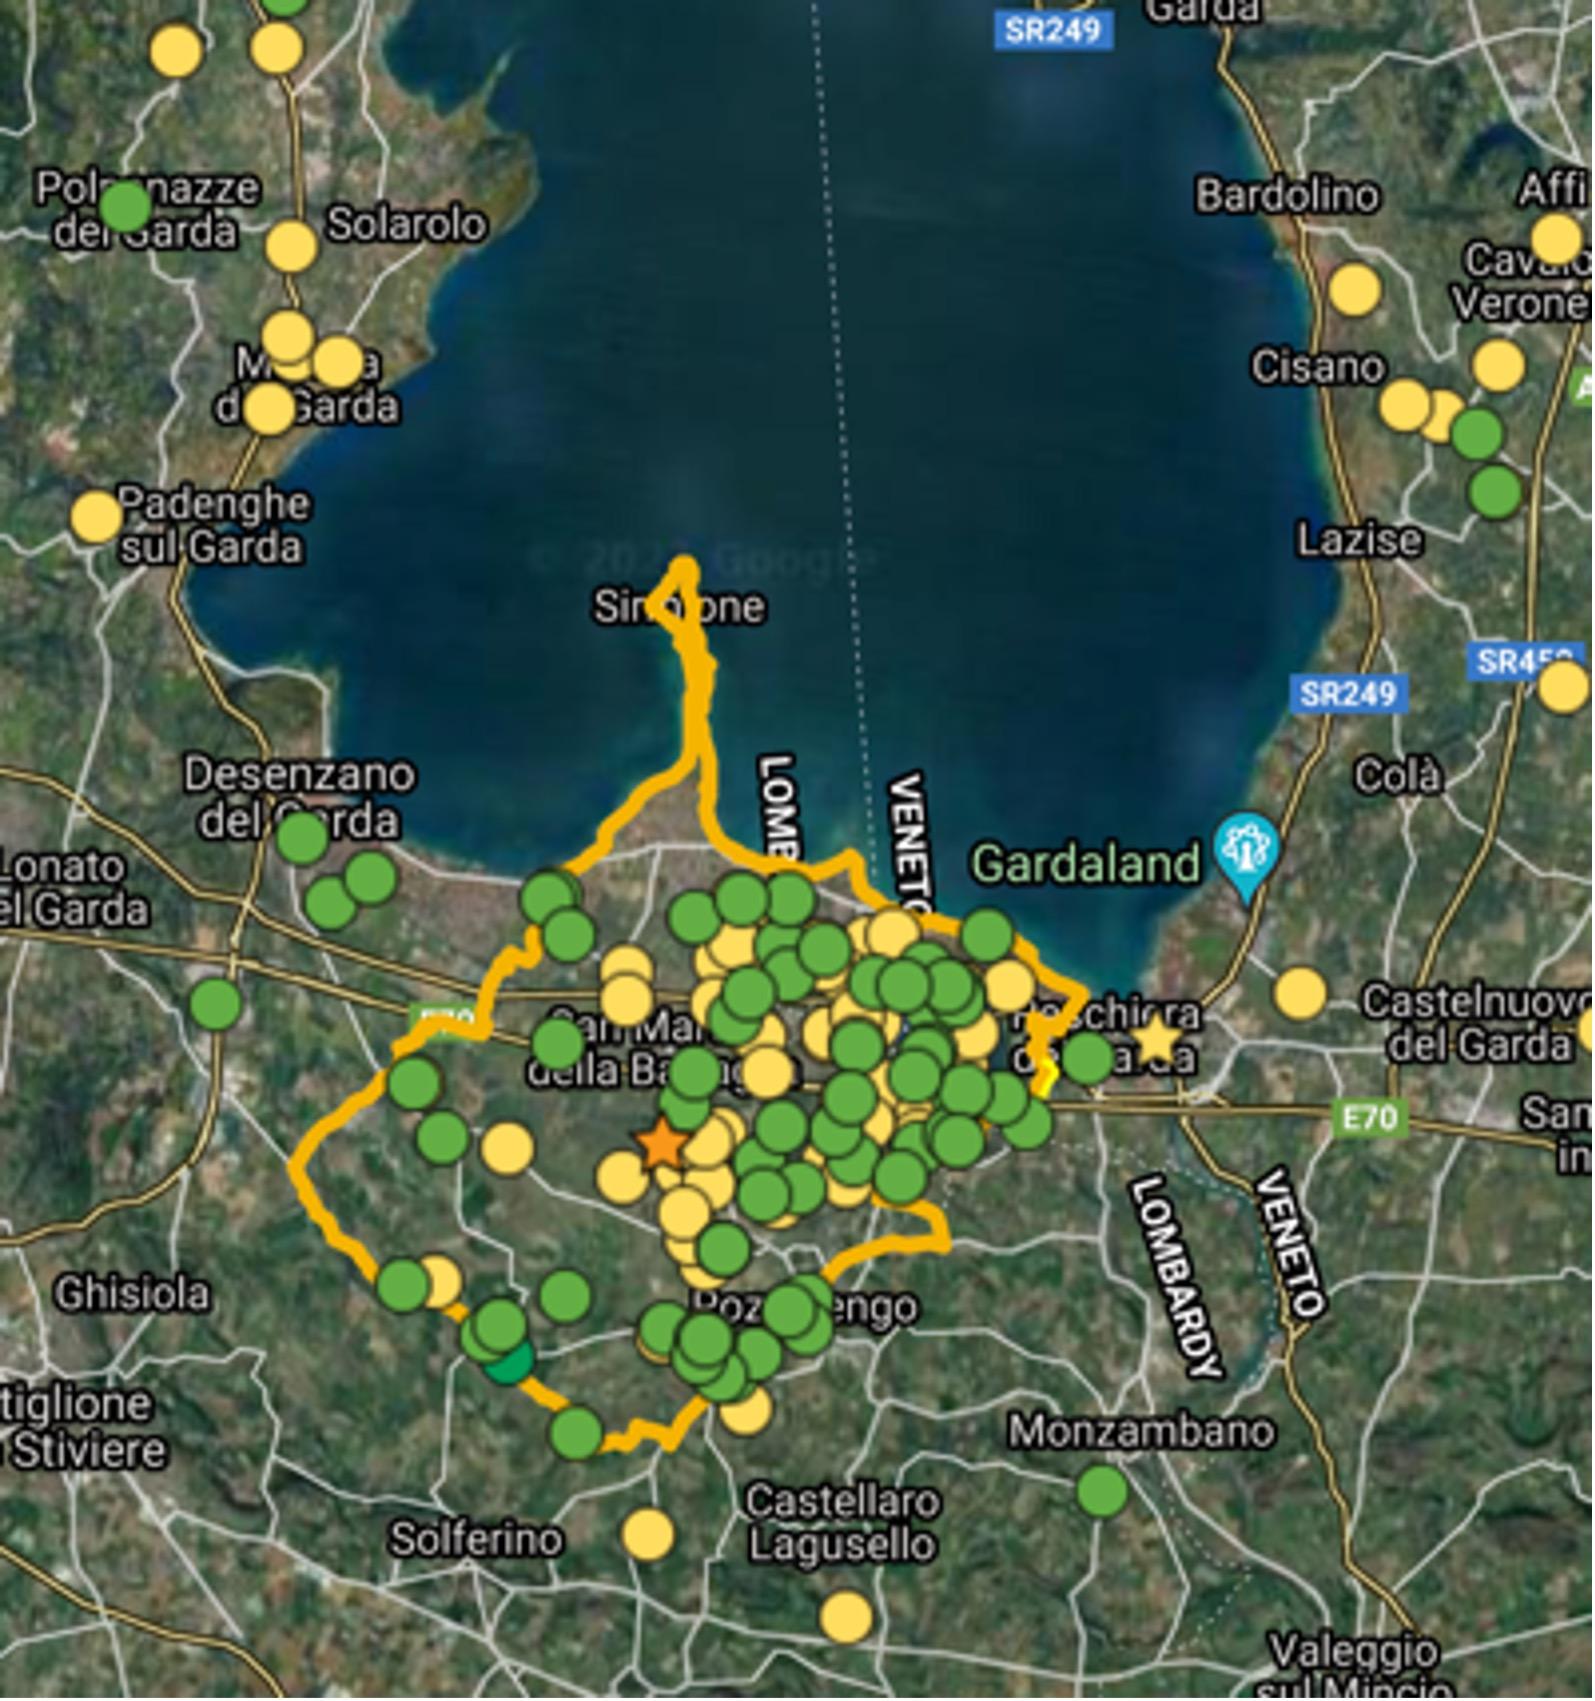 Map of Lugana by Consorzio di Lugana